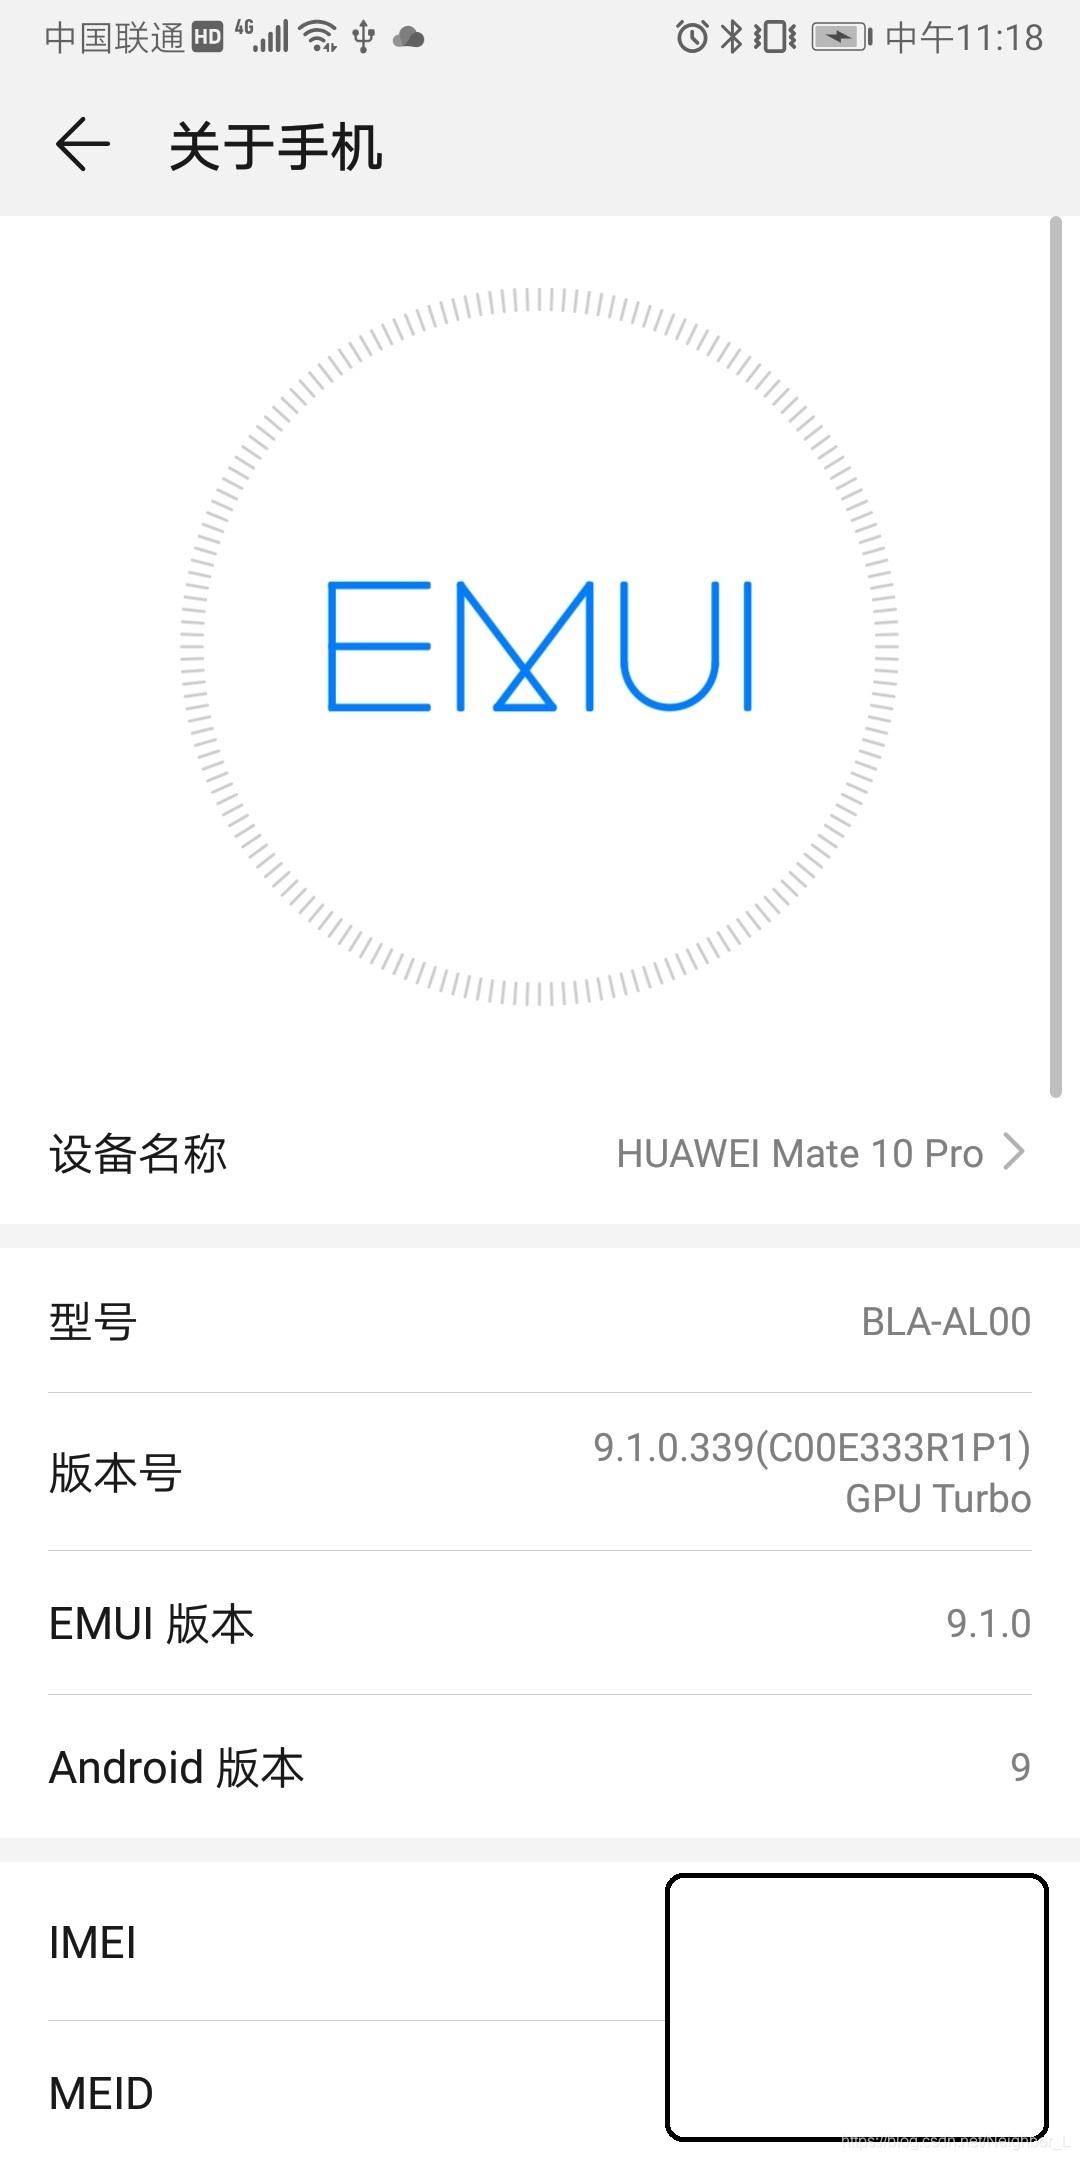 华为关闭系统更新&EMUI9.0禁止更新&mate10降级EMUI9